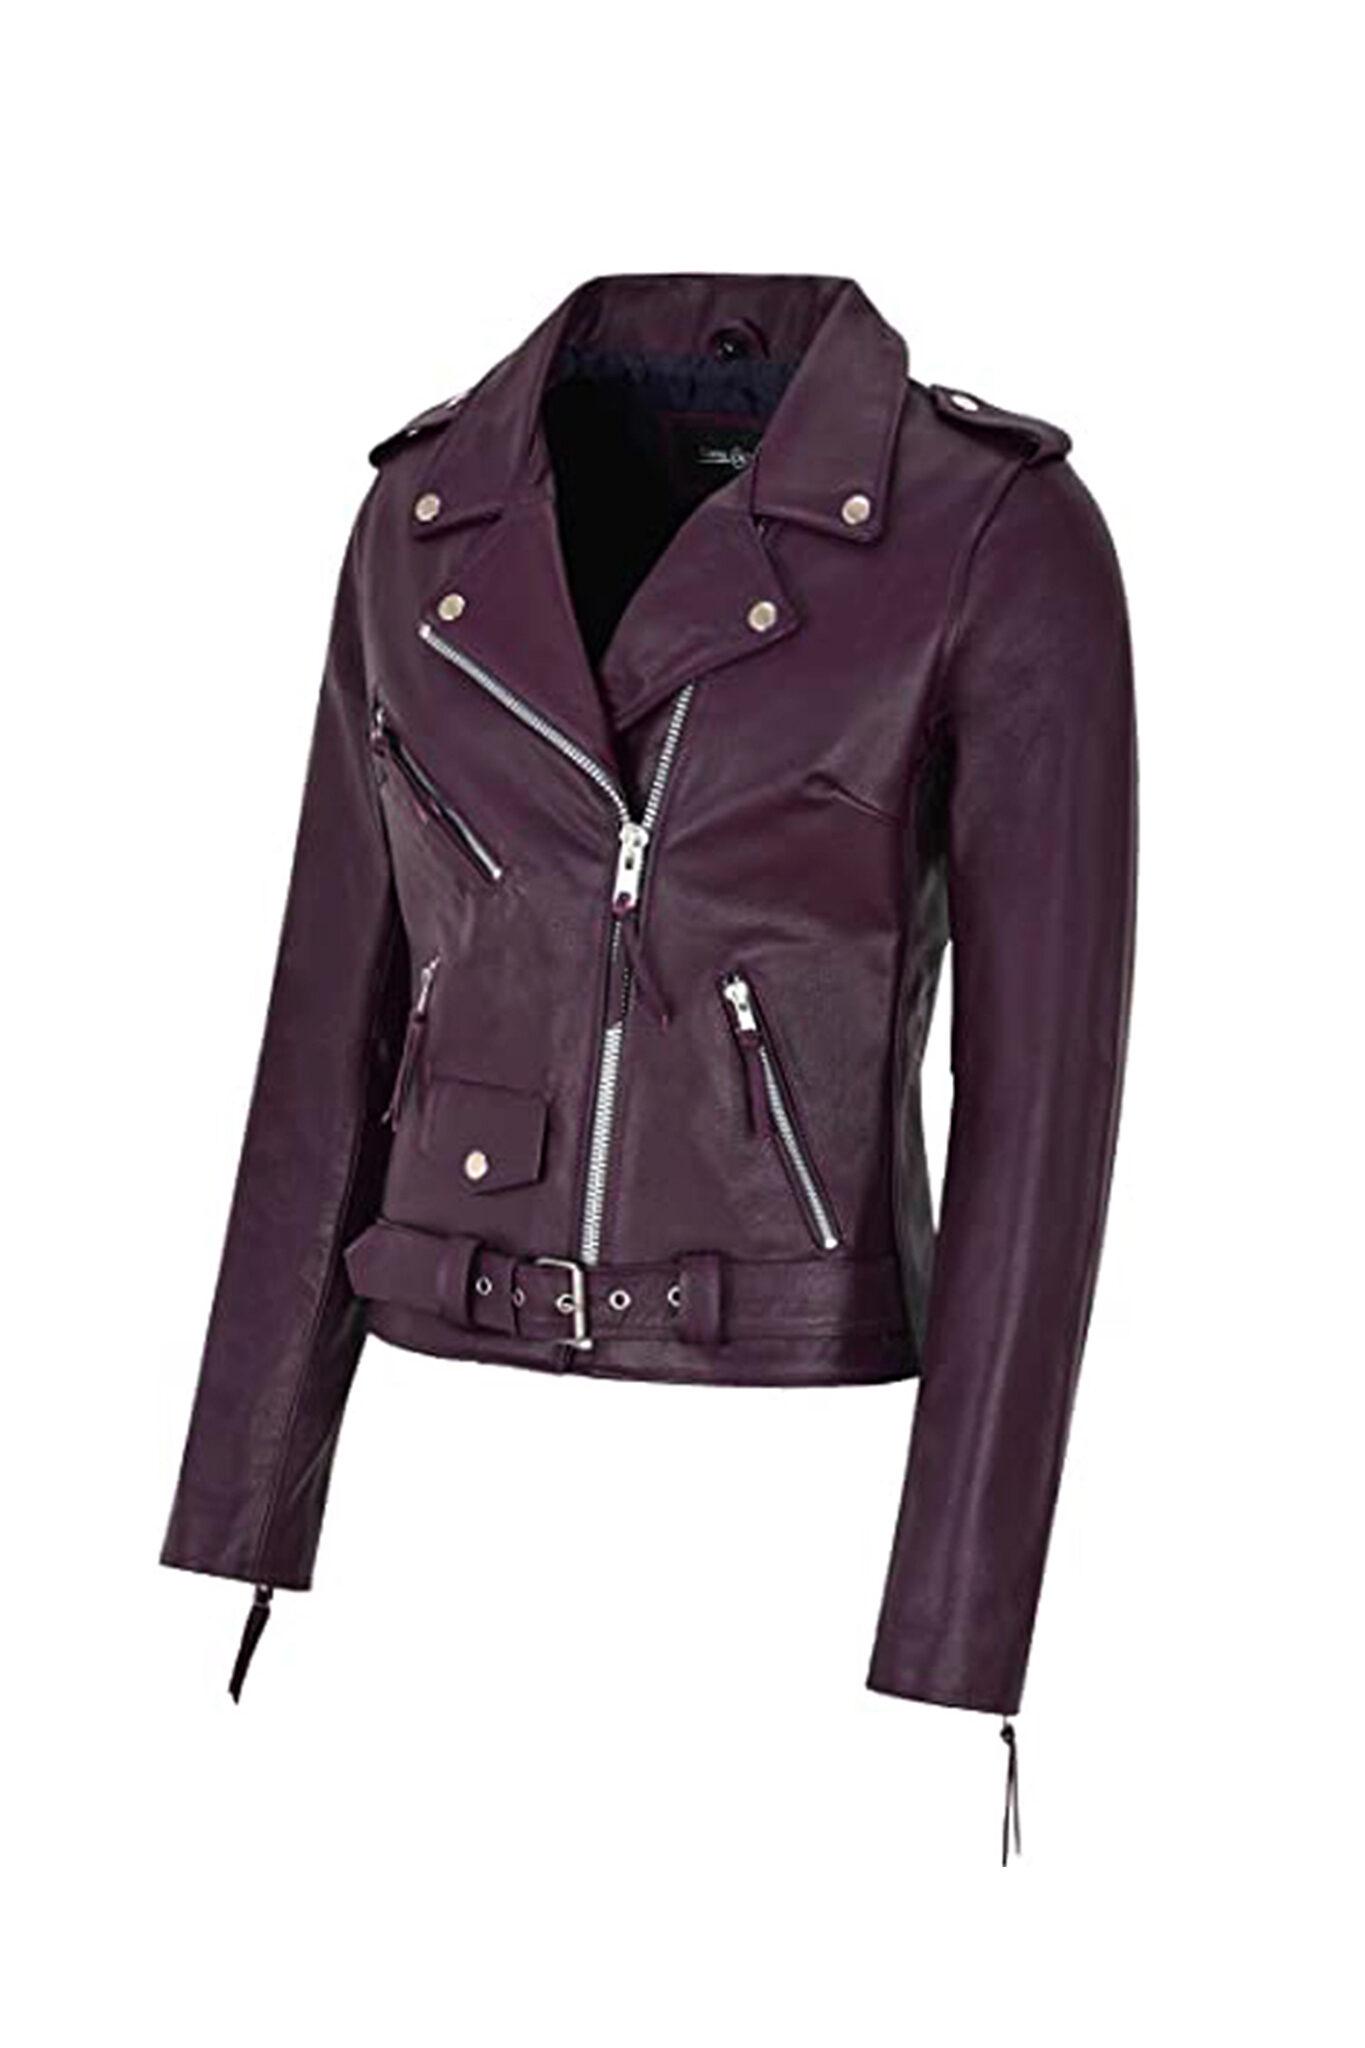 Women's Burgundy Biker Motorcycle Sheepskin Leather Jacket-2